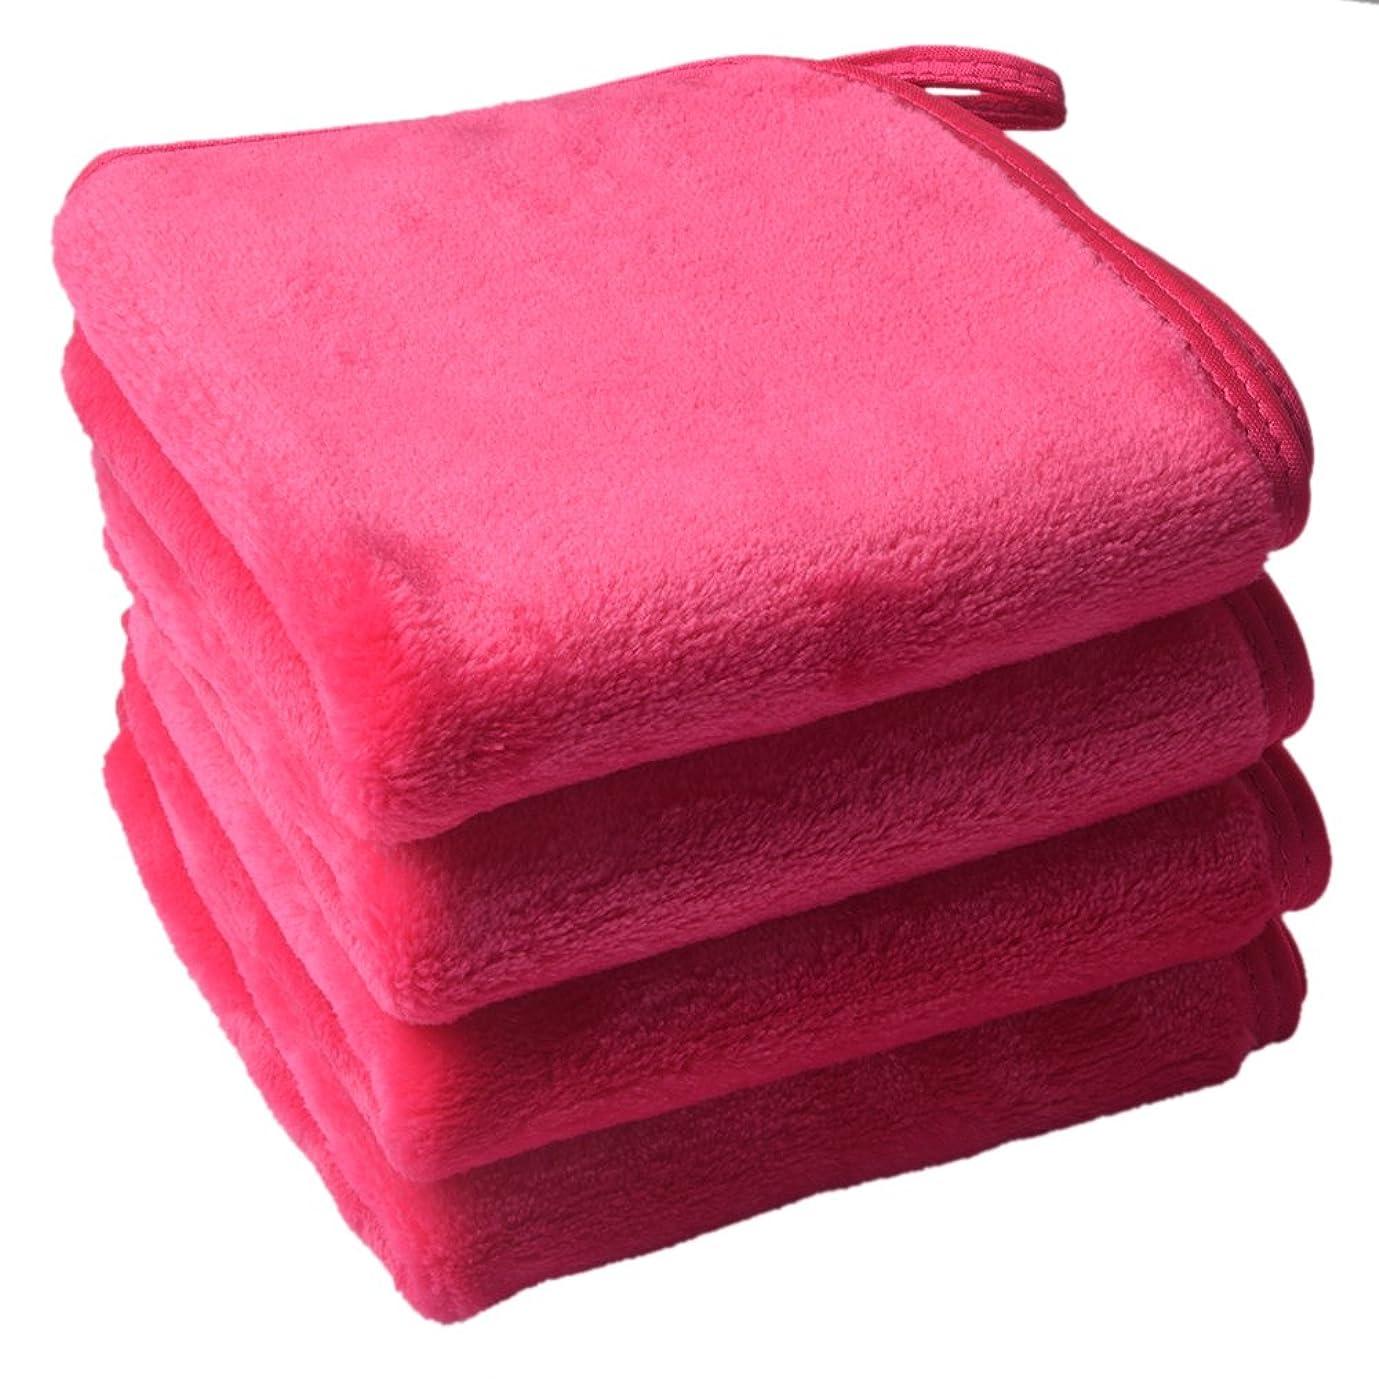 盲信天井ご飯Sinland メイク落としタオル 柔らかい クレンジング タオル 敏感肌用タオル